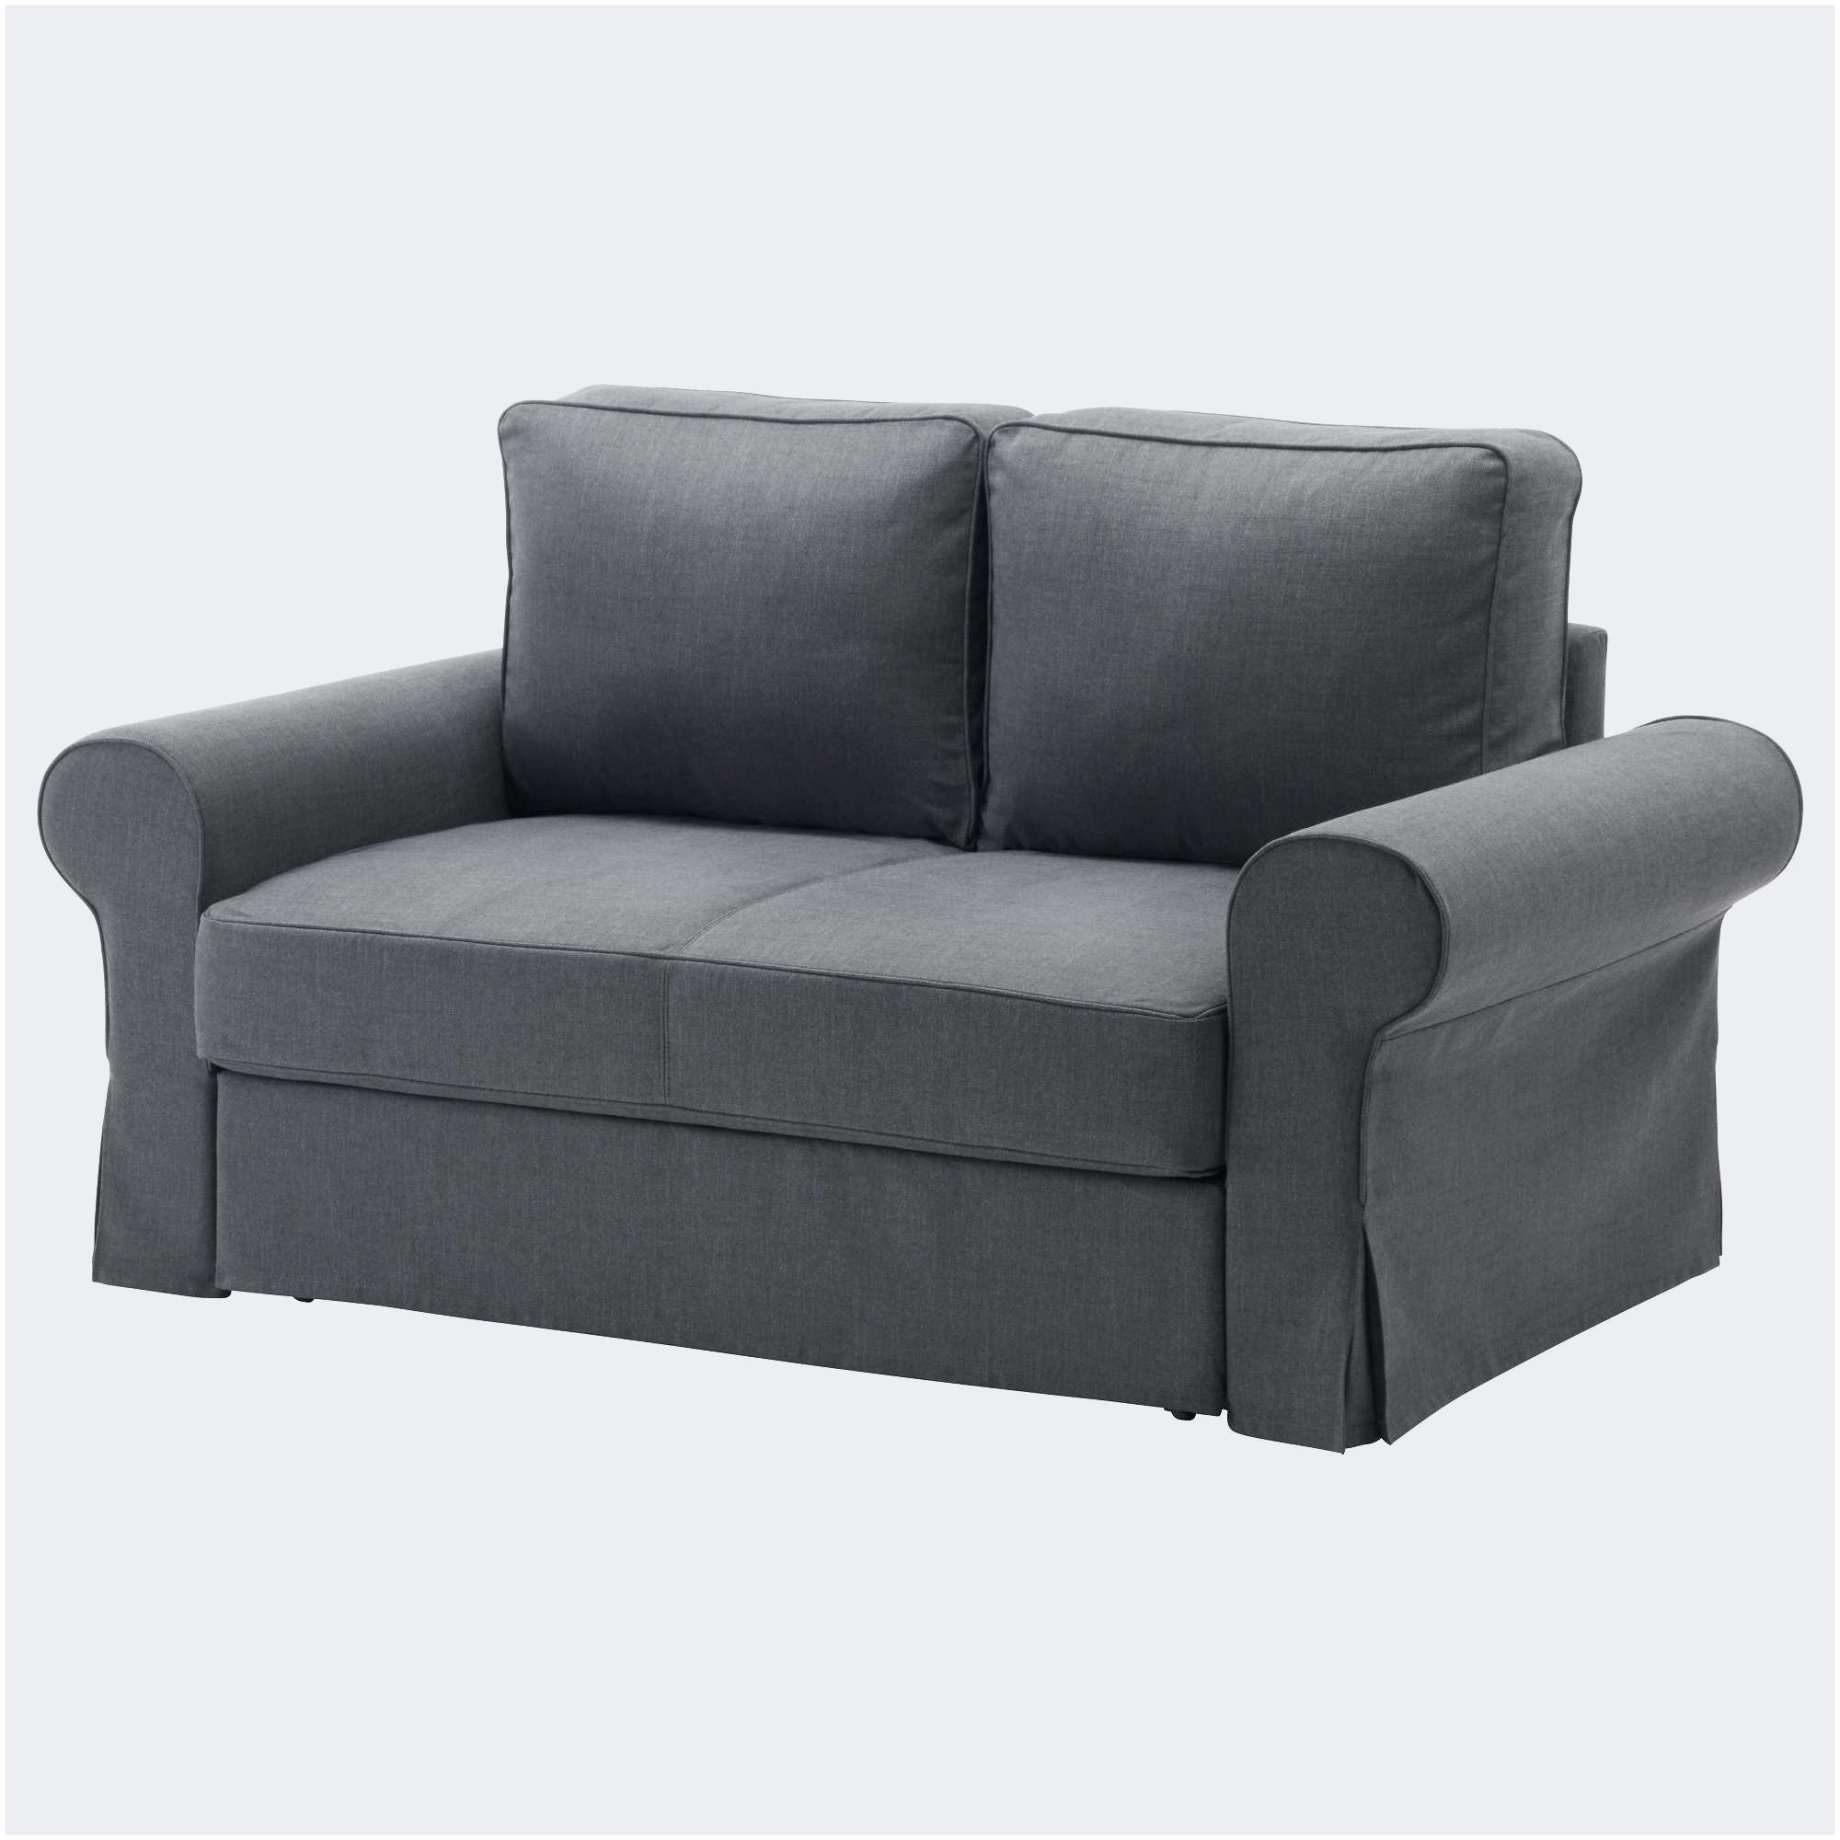 Meilleur Canapé Lit Belle Elégant 32 Meilleures Canapé Convertible Simili Cuir Ikea Pour